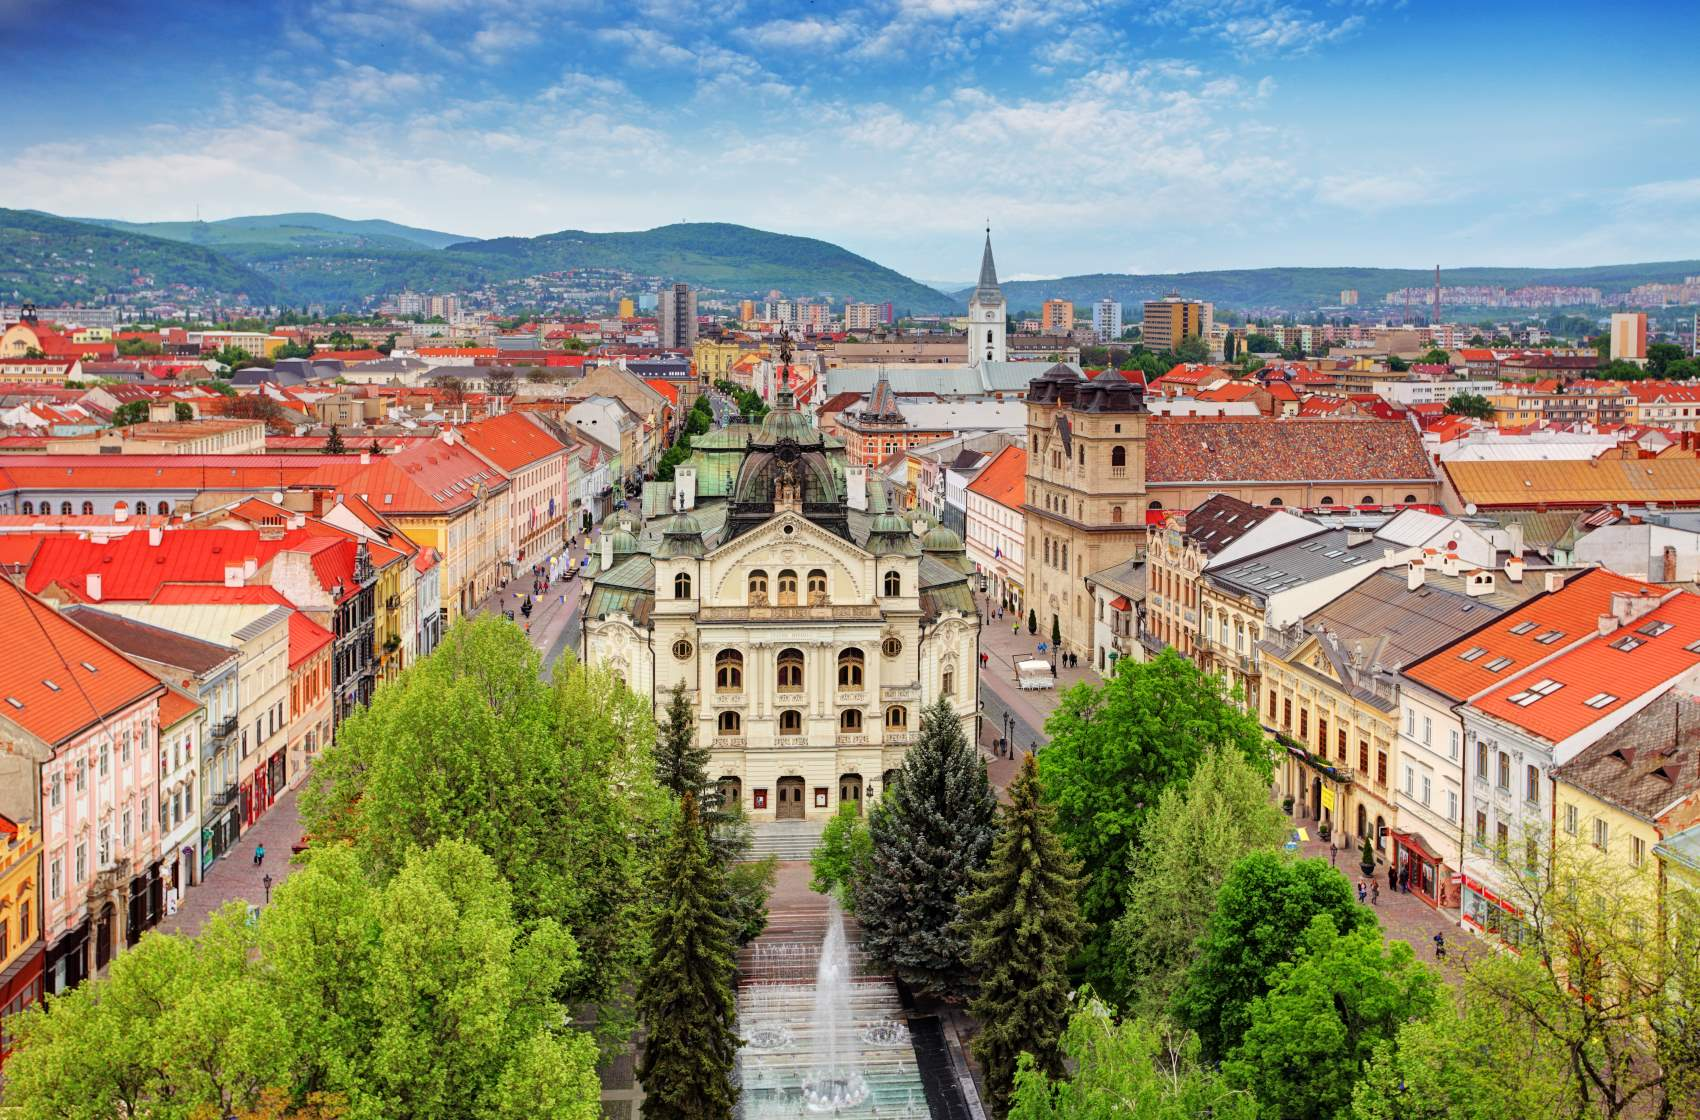 Słowacja: wybierasz się do tego kraju? Przeczytaj aktualne zasady wjazdu i tranzytu!